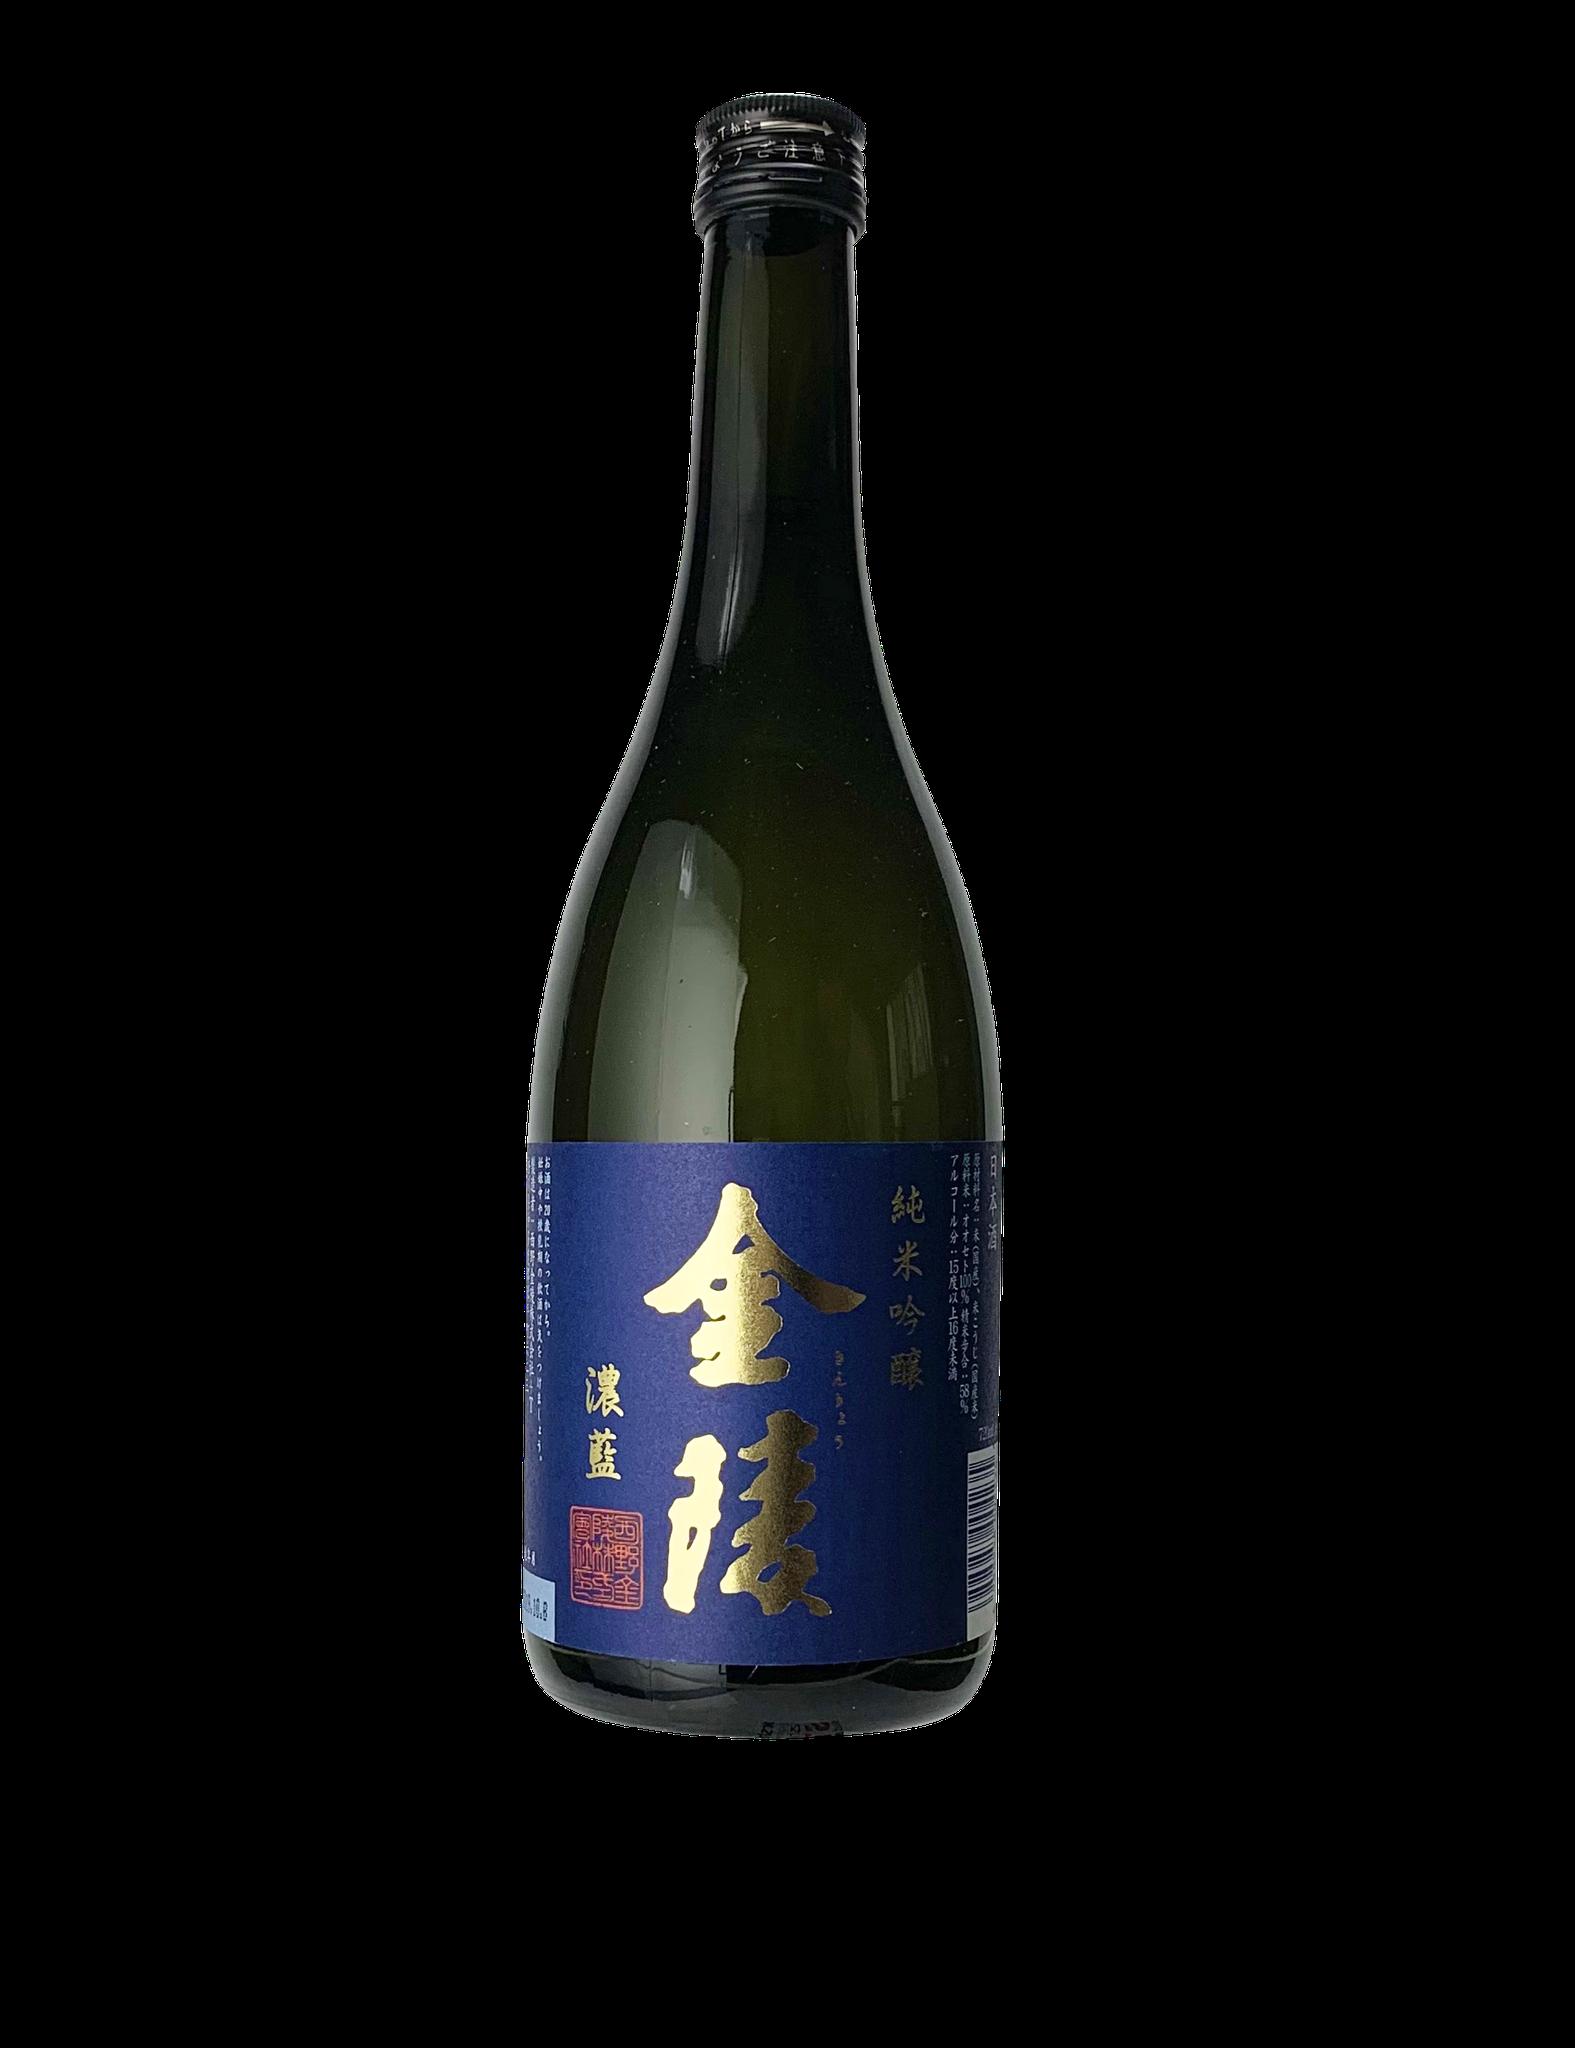 【西野金陵 純米吟醸 濃藍】